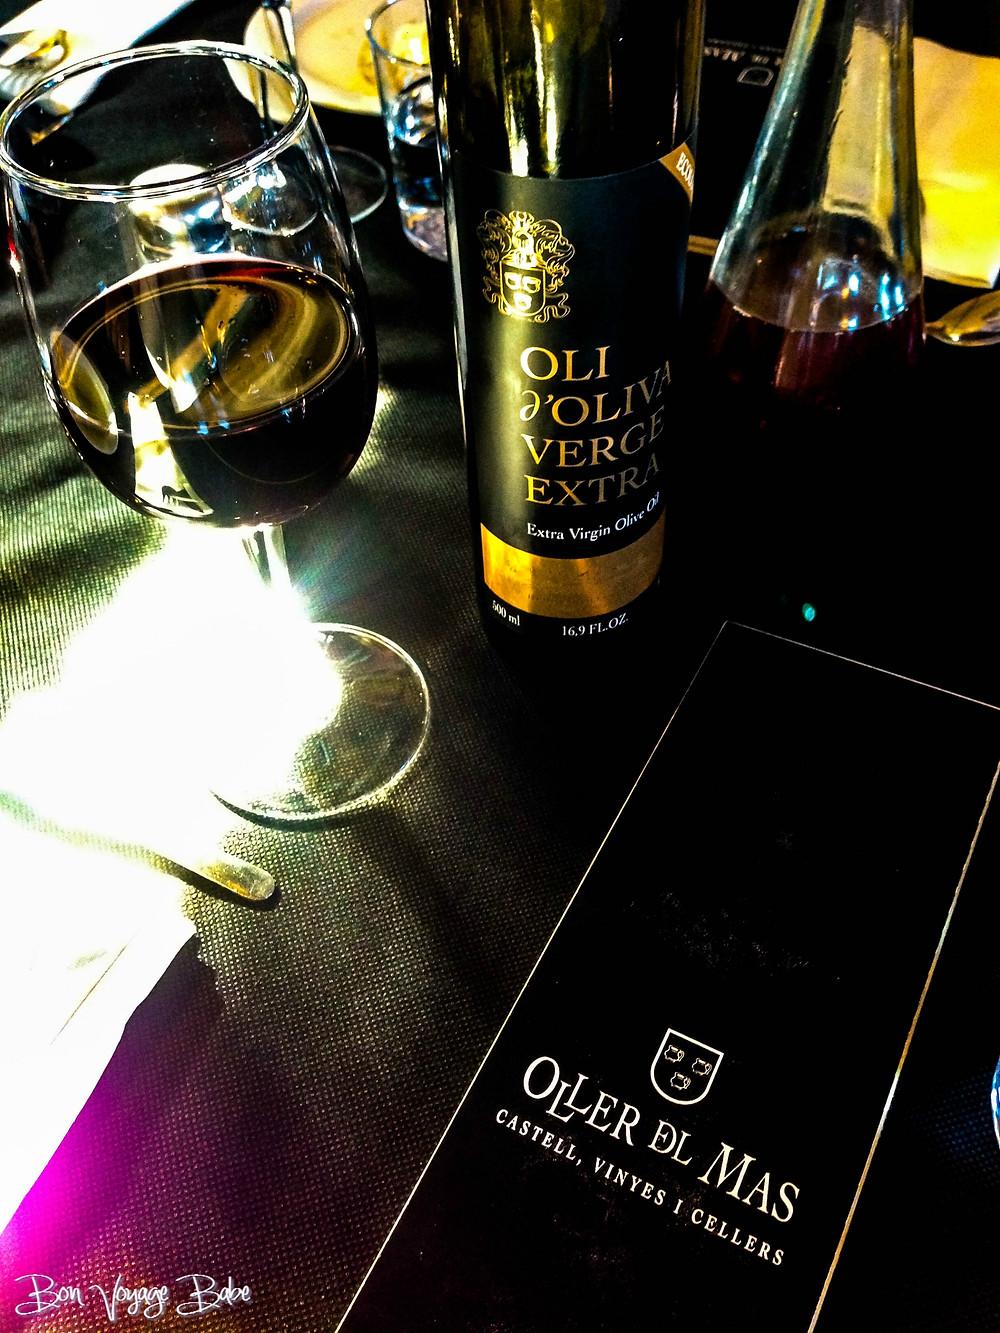 Spanish Organic Winery